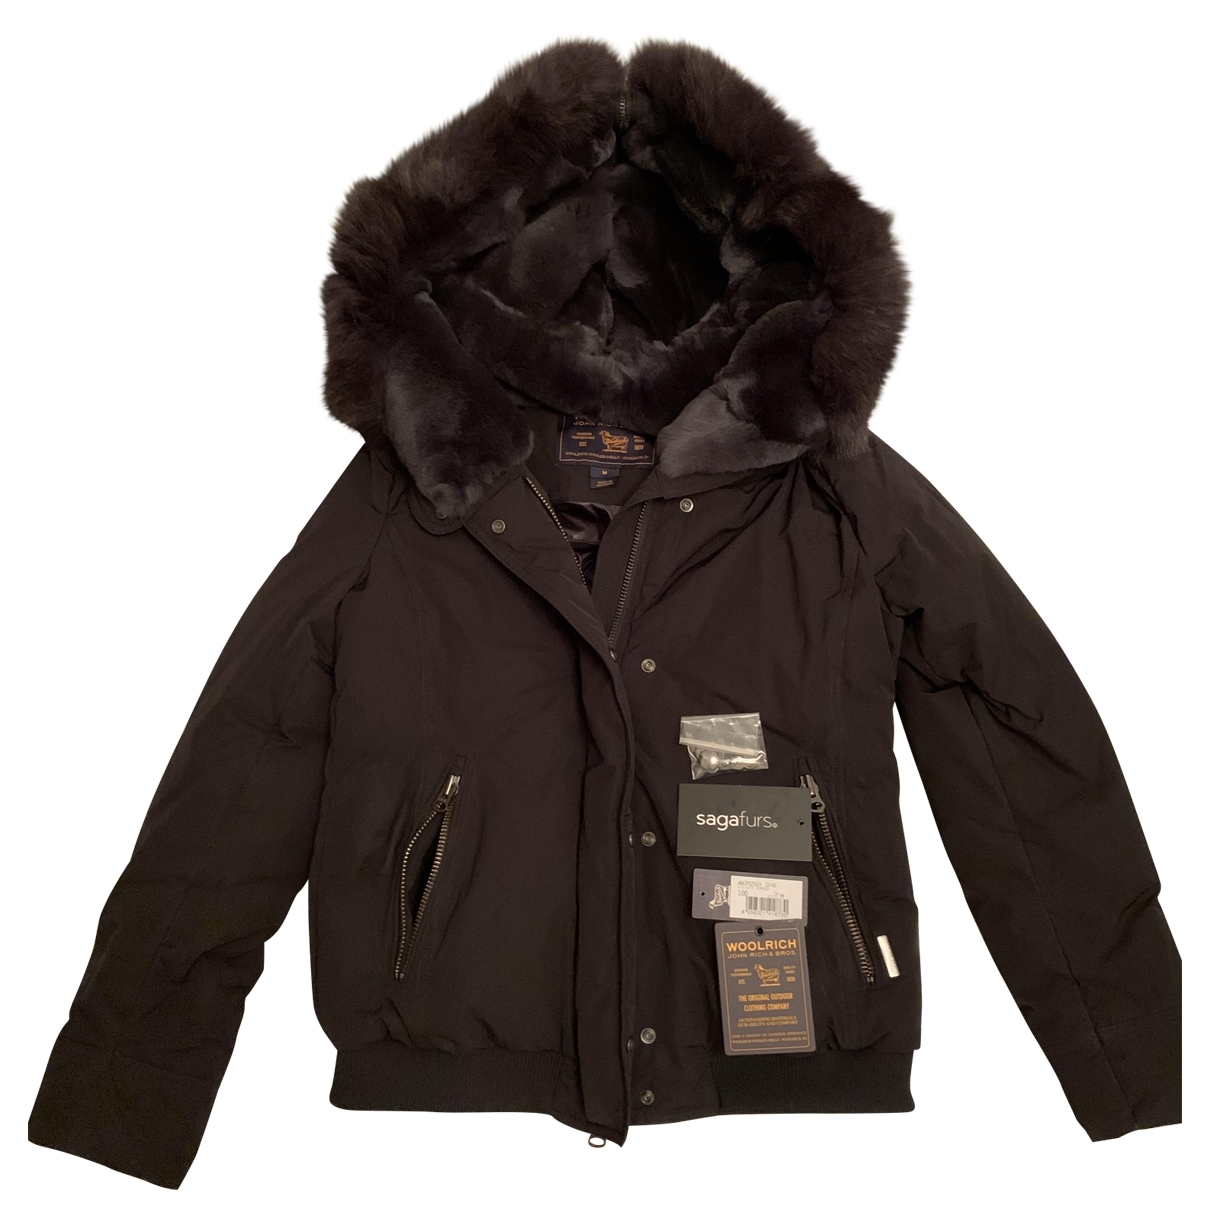 Woolrich \N Black coat for Women M International